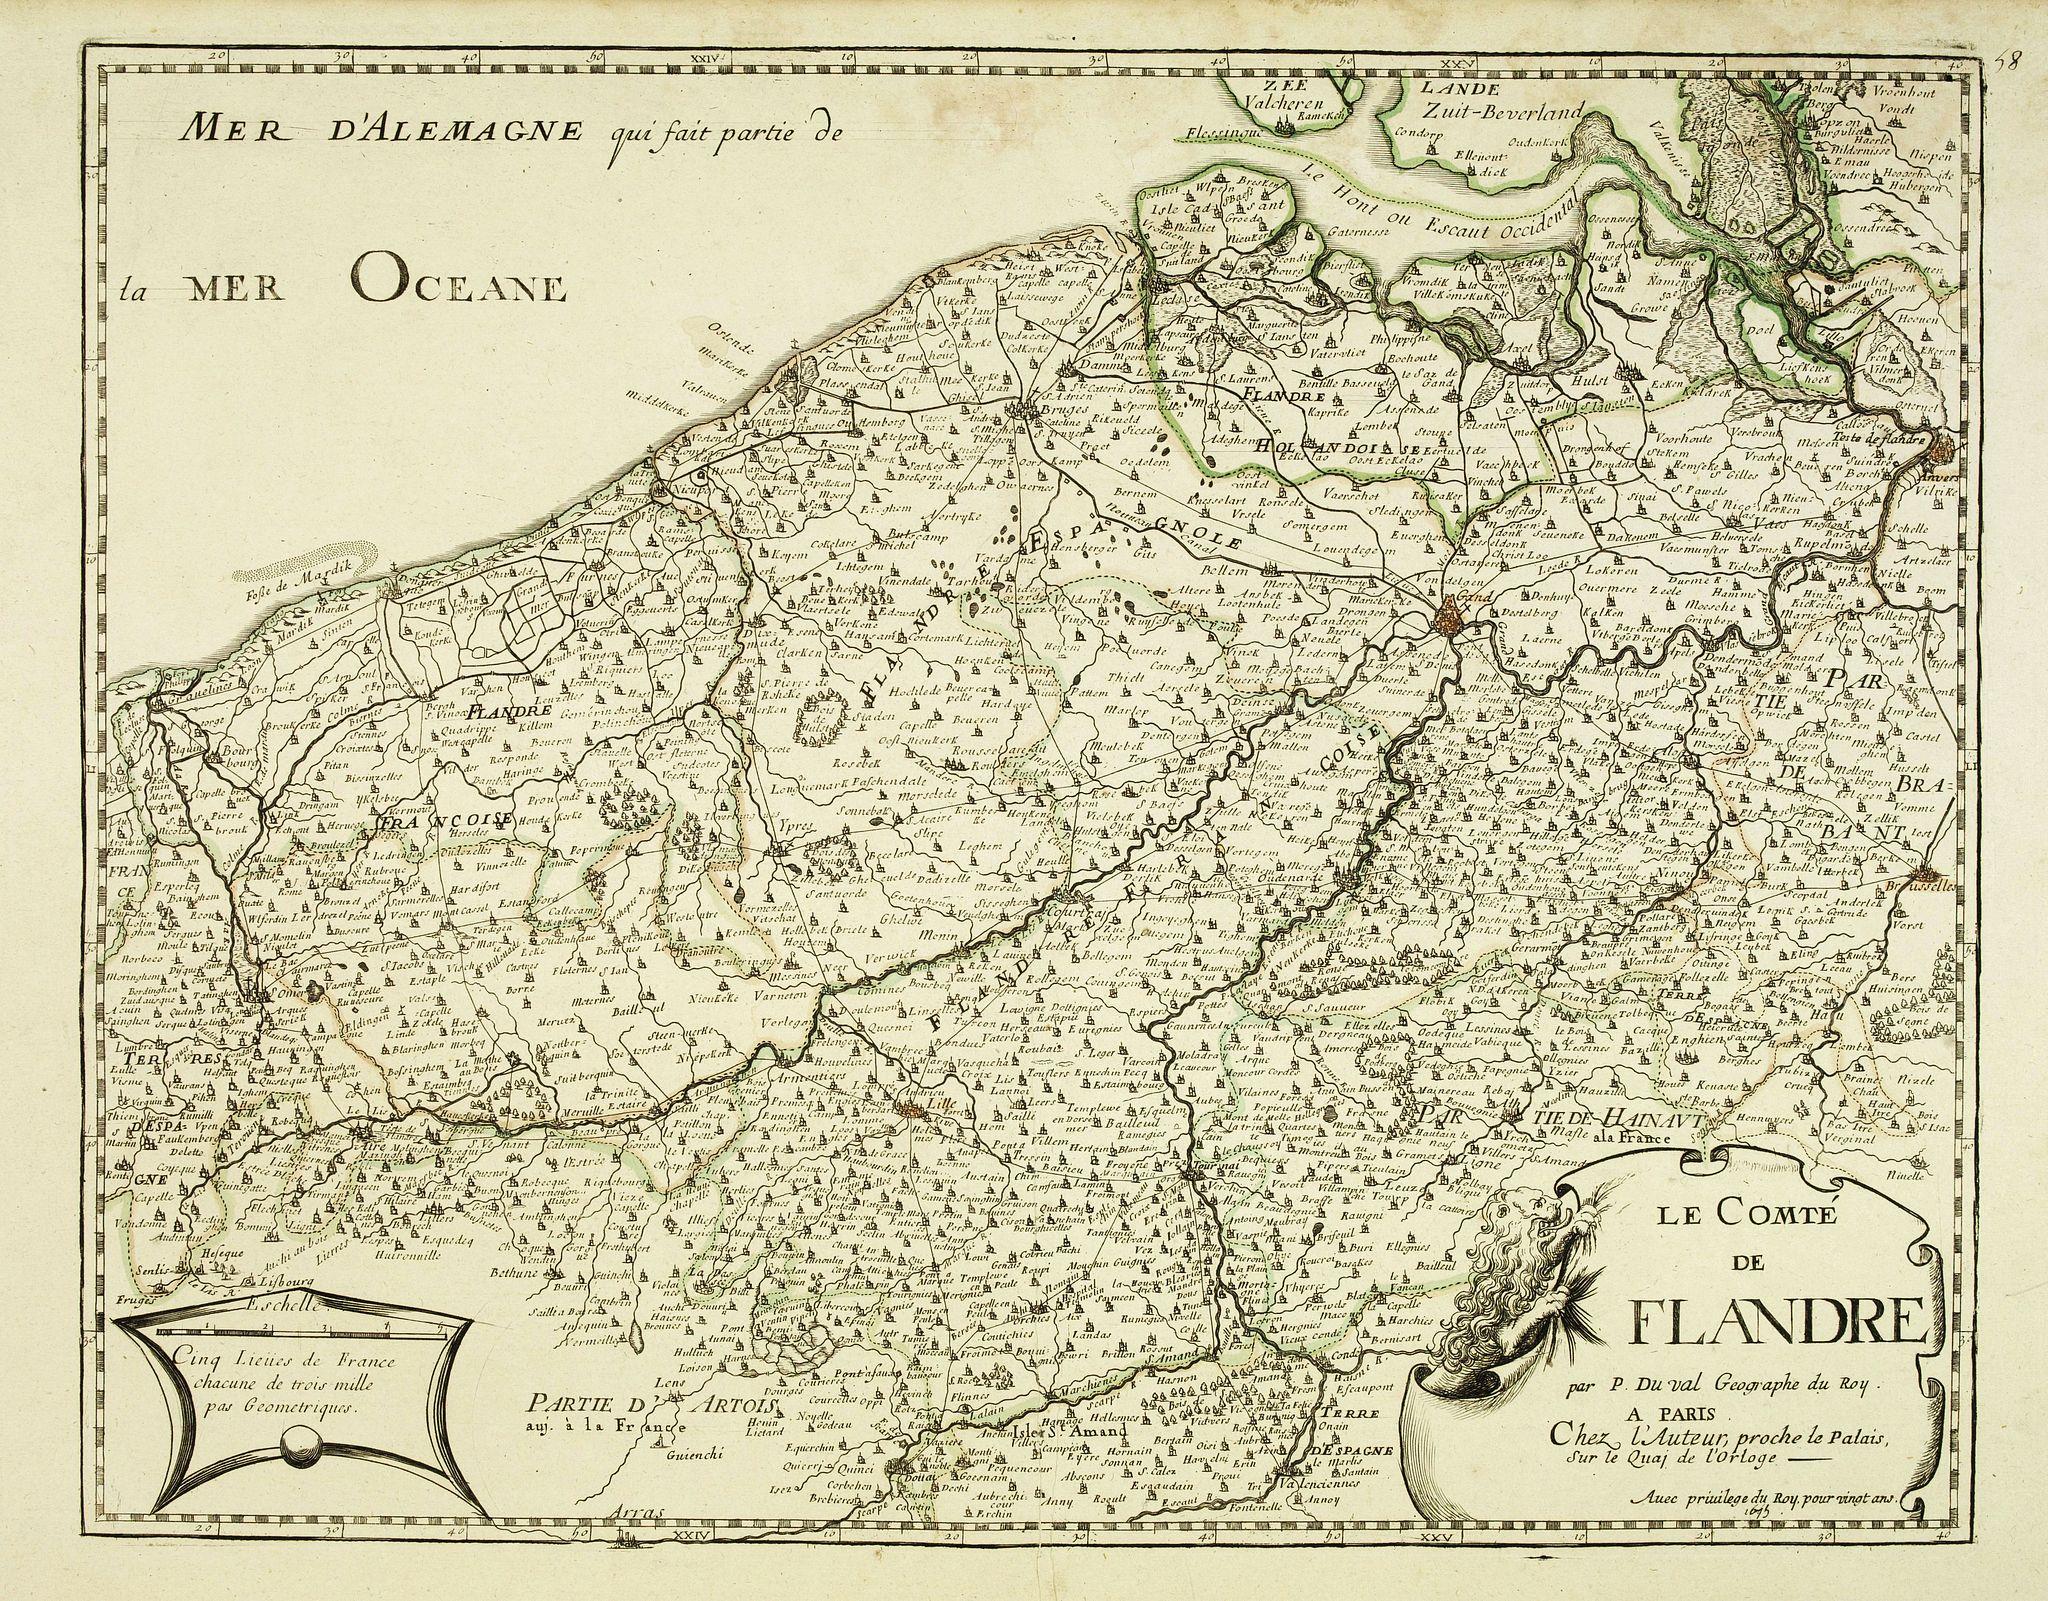 DU VAL, P. -  Le comté de Flandre . . .